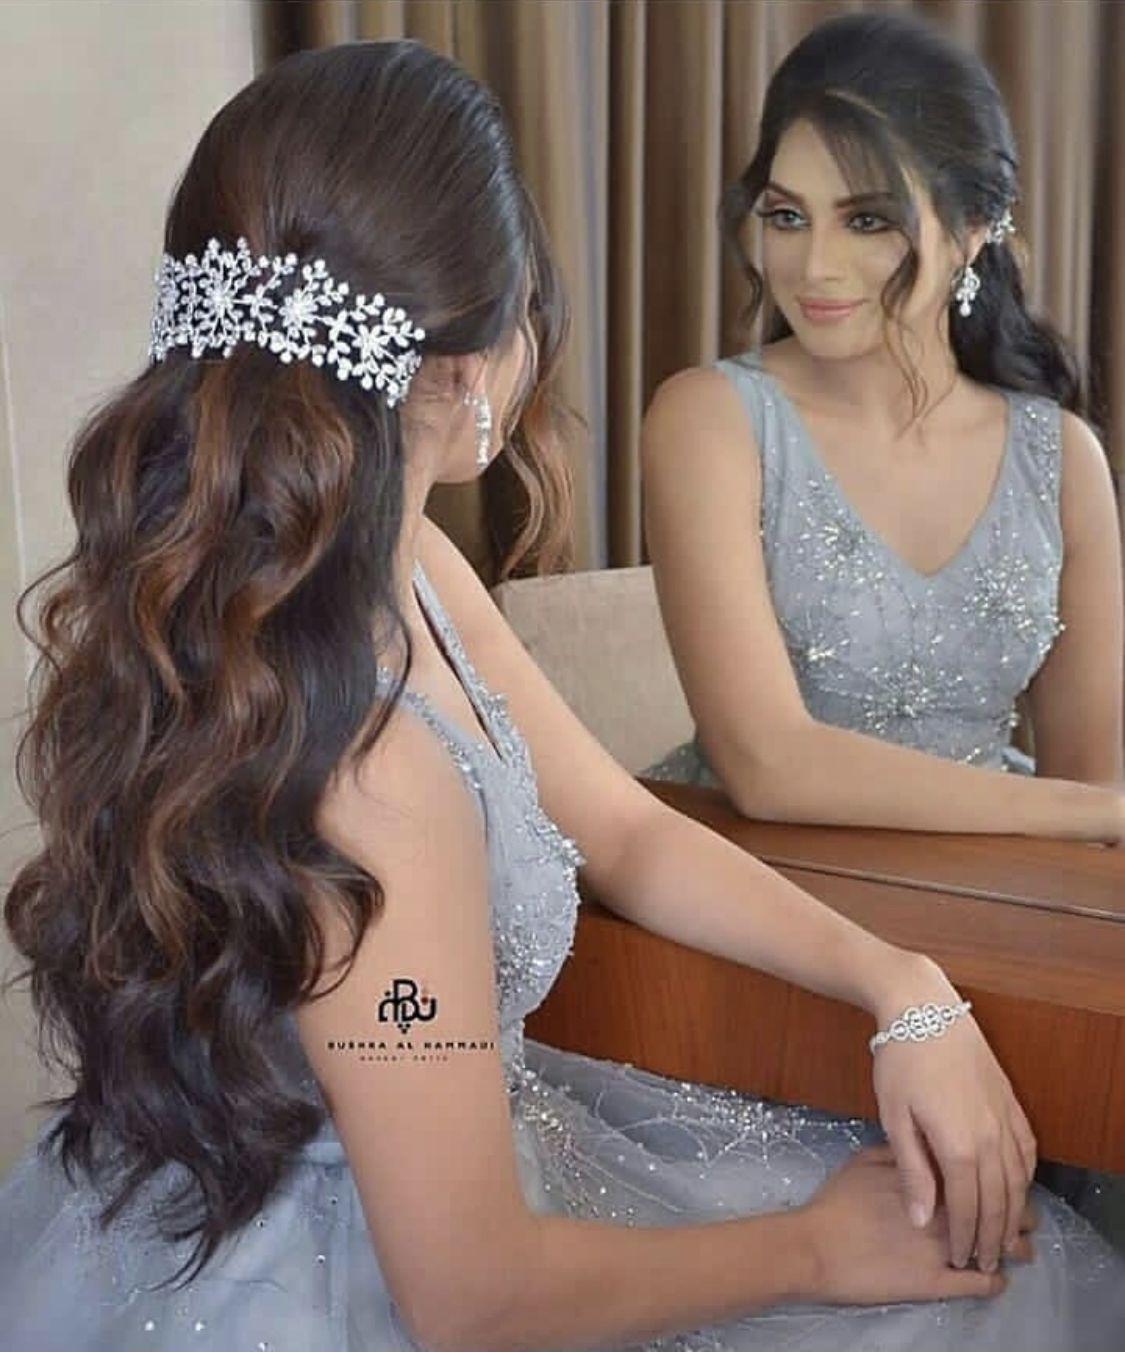 تسريحه ناعمه وانيقه Beautiful Hairstyle Seegetwear For More Hairstyle Styl Wedding Hair Trends Wedding Hair Inspiration Bollywood Hairstyles